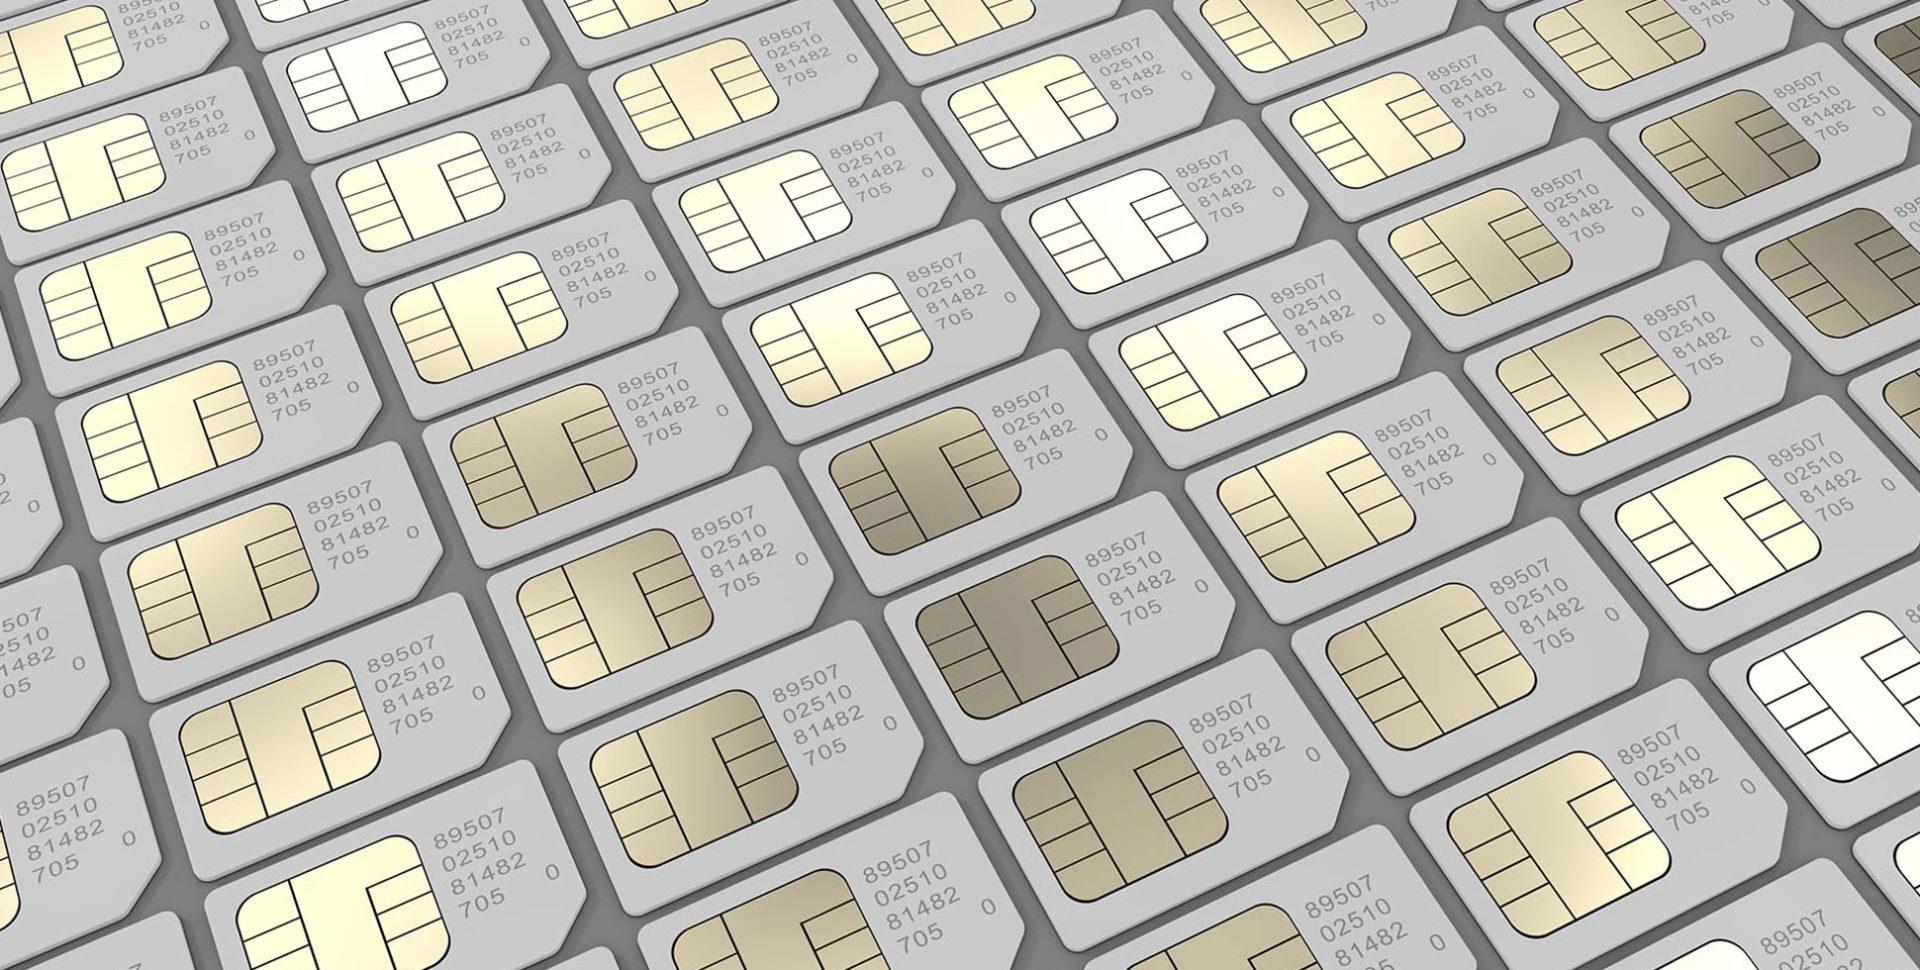 Do roku 2025 bude dodáno 2 miliardy zařízení s iSIM nebo eSIM